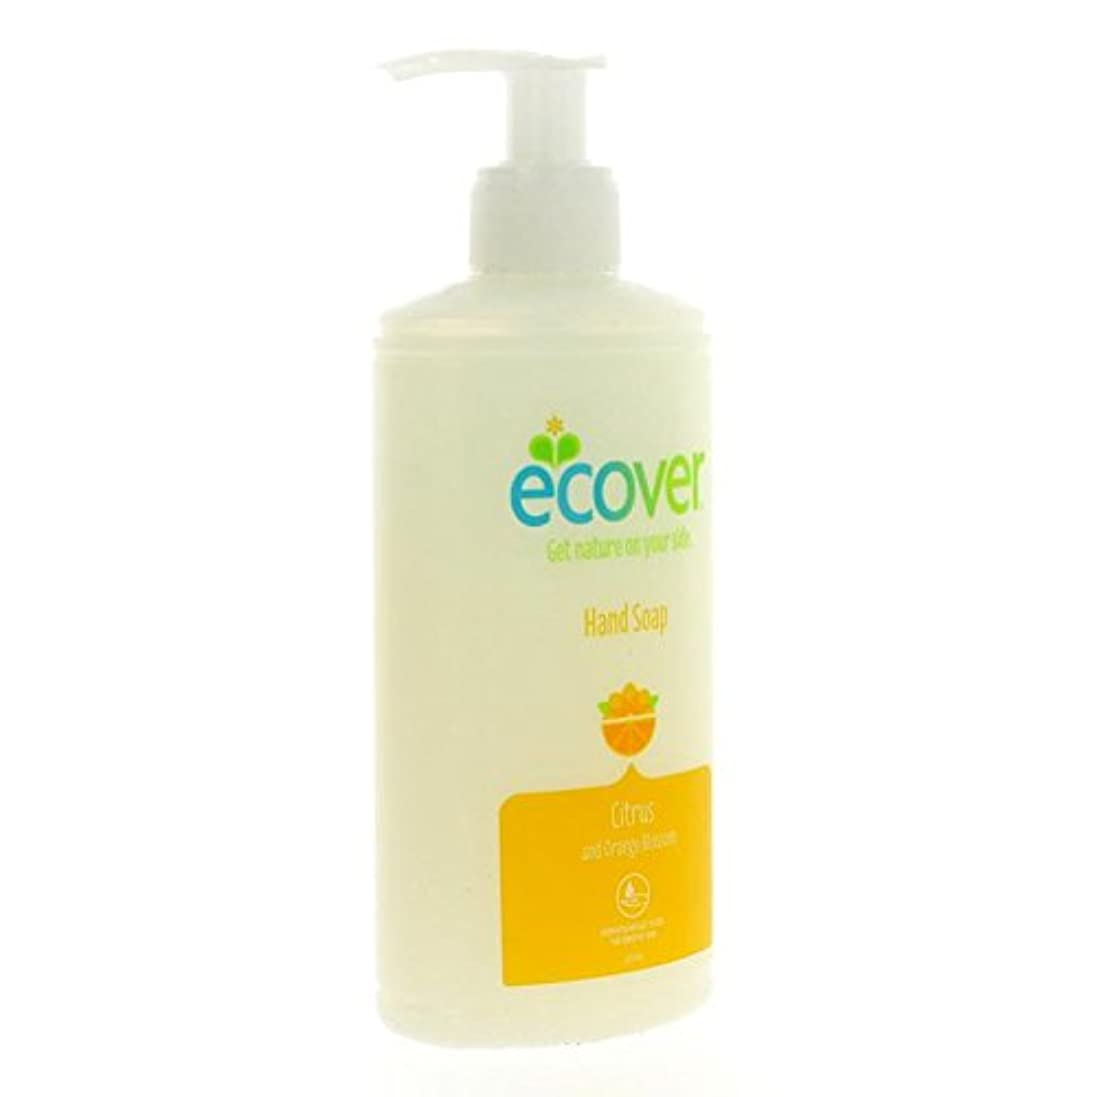 海外に対応する超えるEcover - Hand Soap - Citrus and Orange Blossom - 250ml (Case of 6)